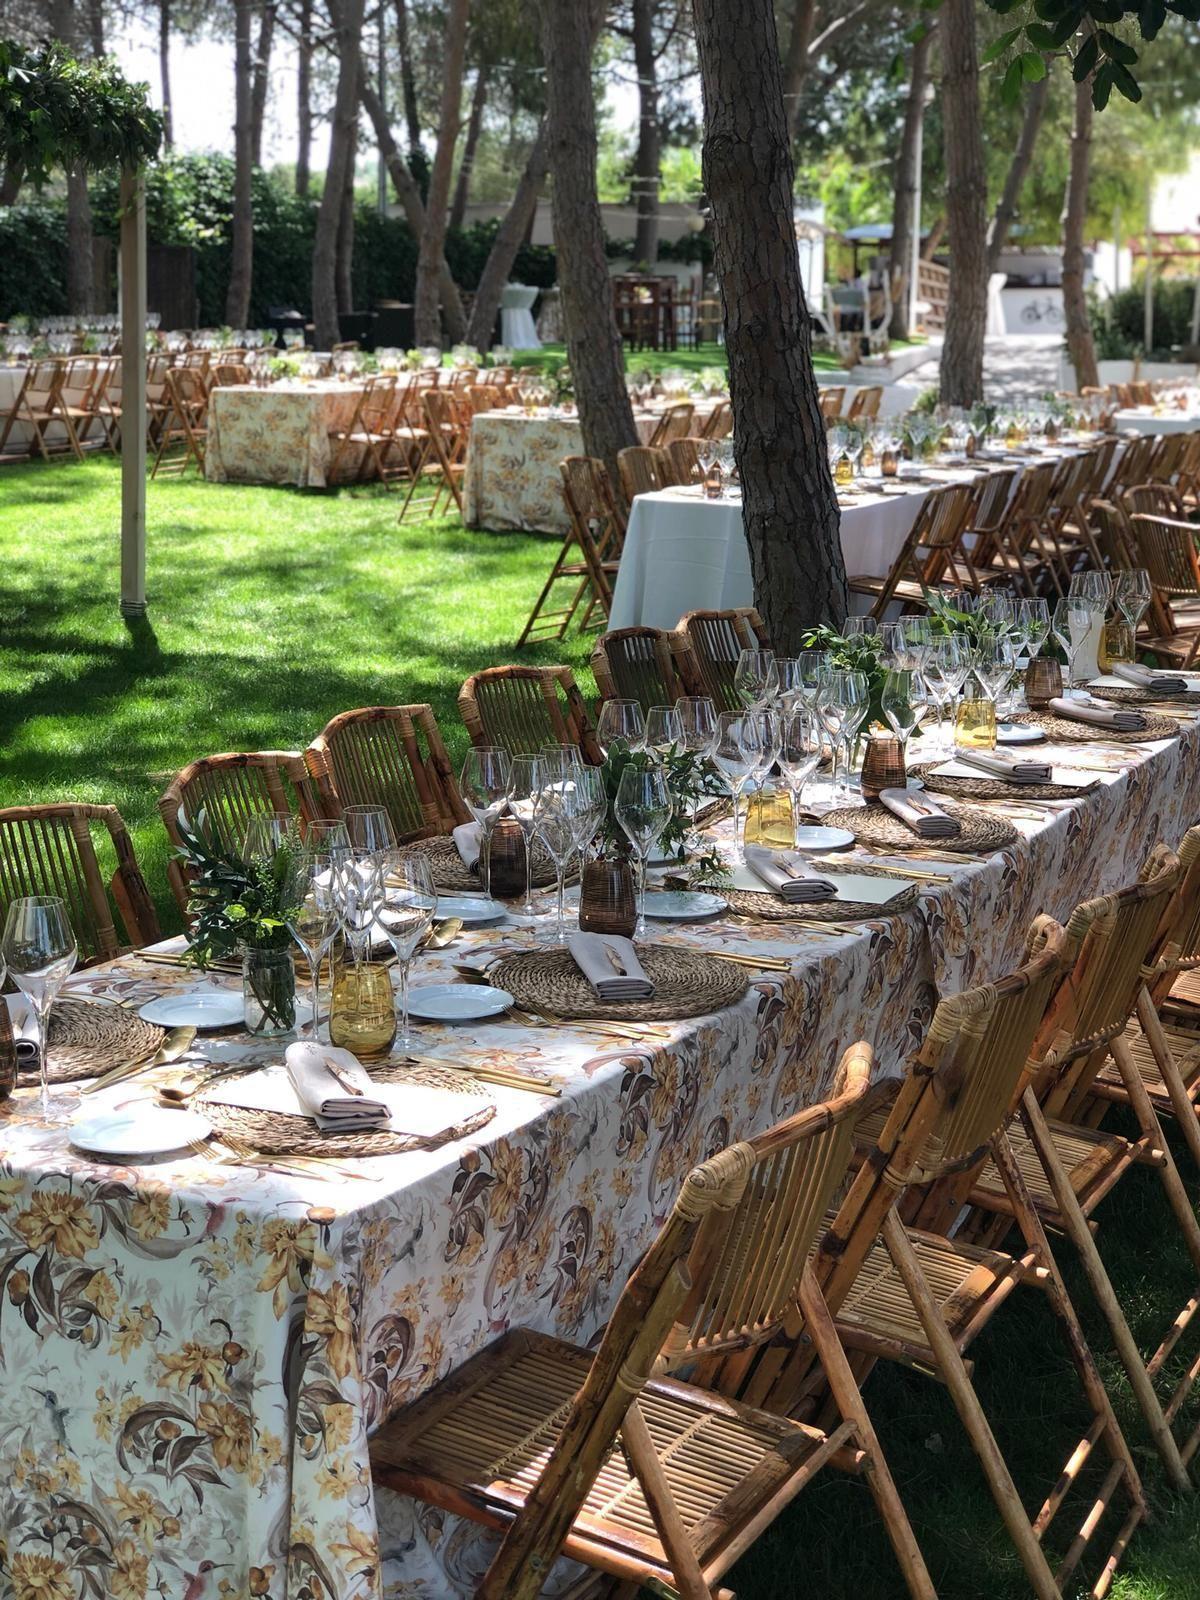 Alquiler de sillas y mesas Albacete